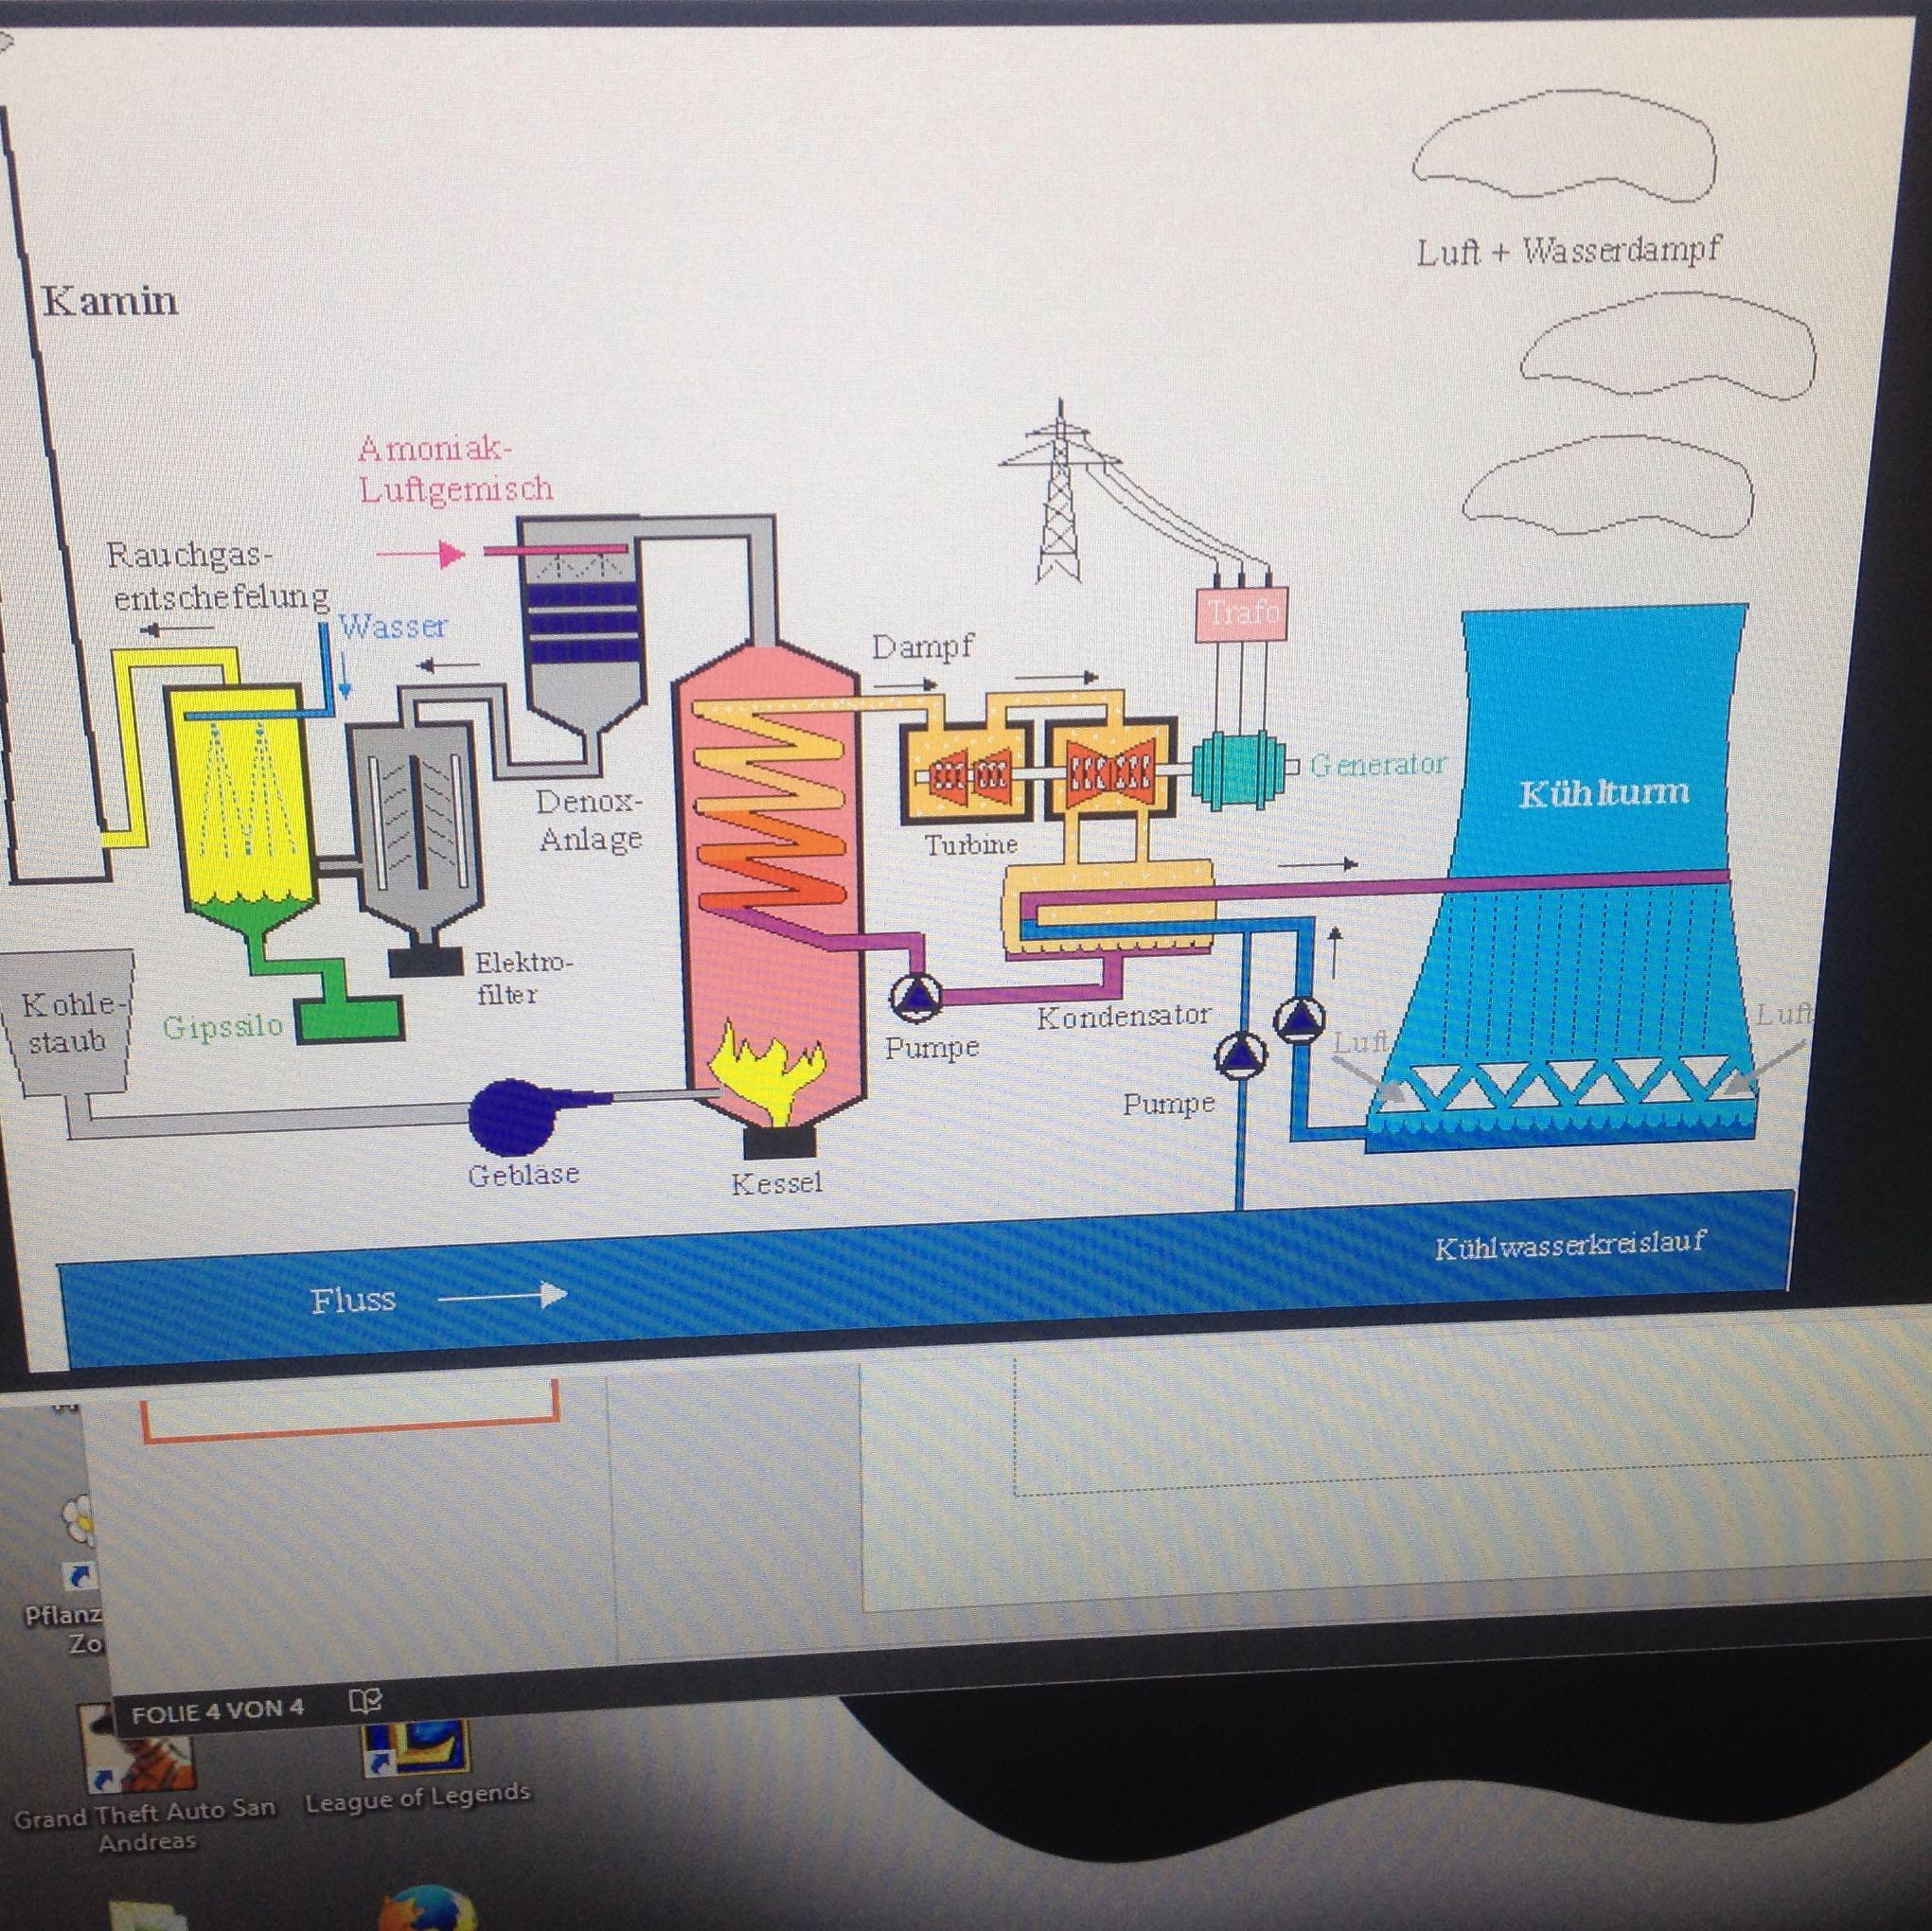 Aufbau eines wärmekraftwerkes? (Schule, Physik, Hause)